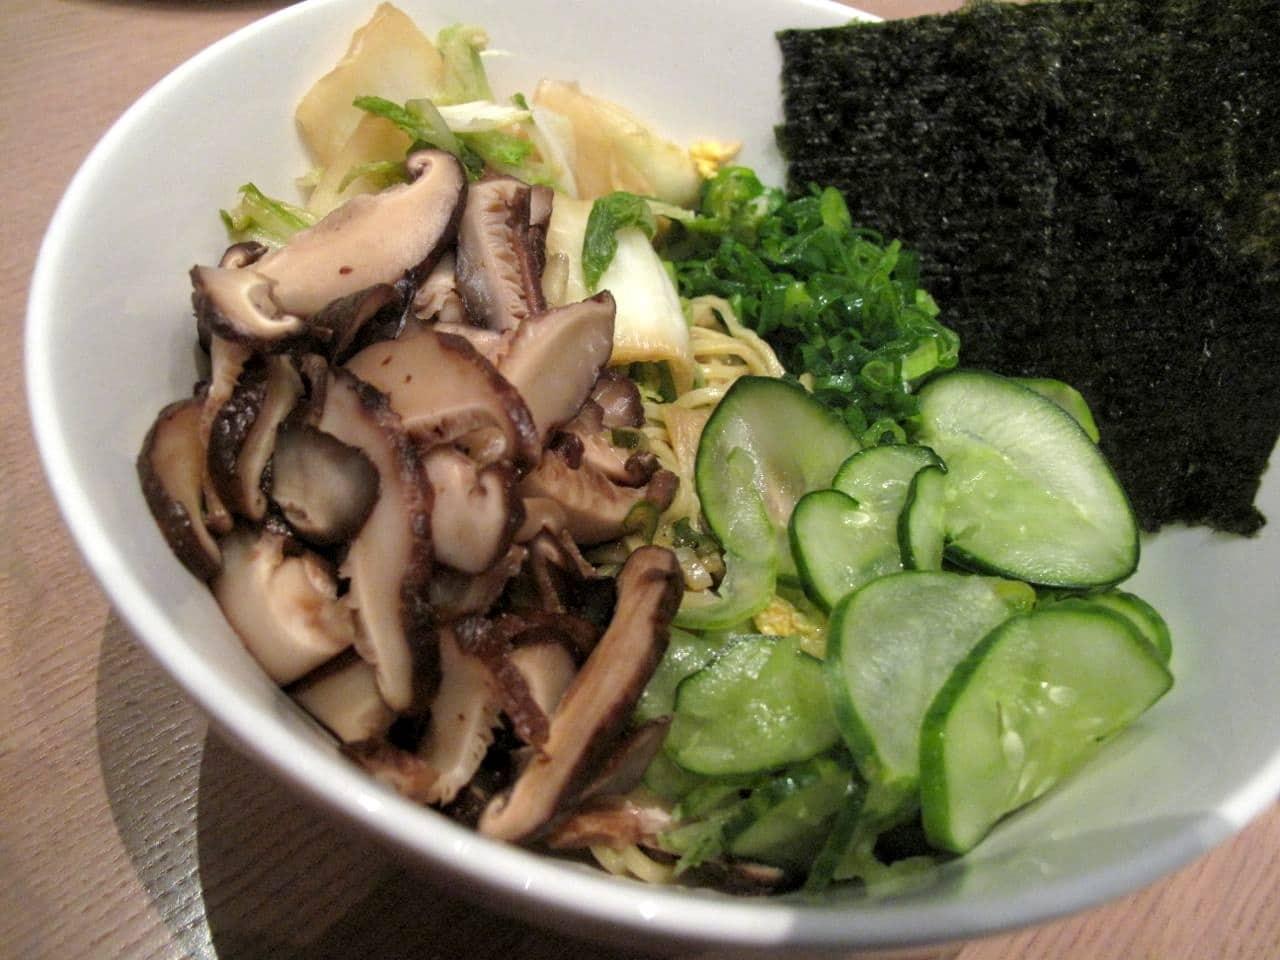 Momofuku Noodle Bar Toronto: Ginger Scallion Noodle Bowl with shiitakes, cucumber, cabbage